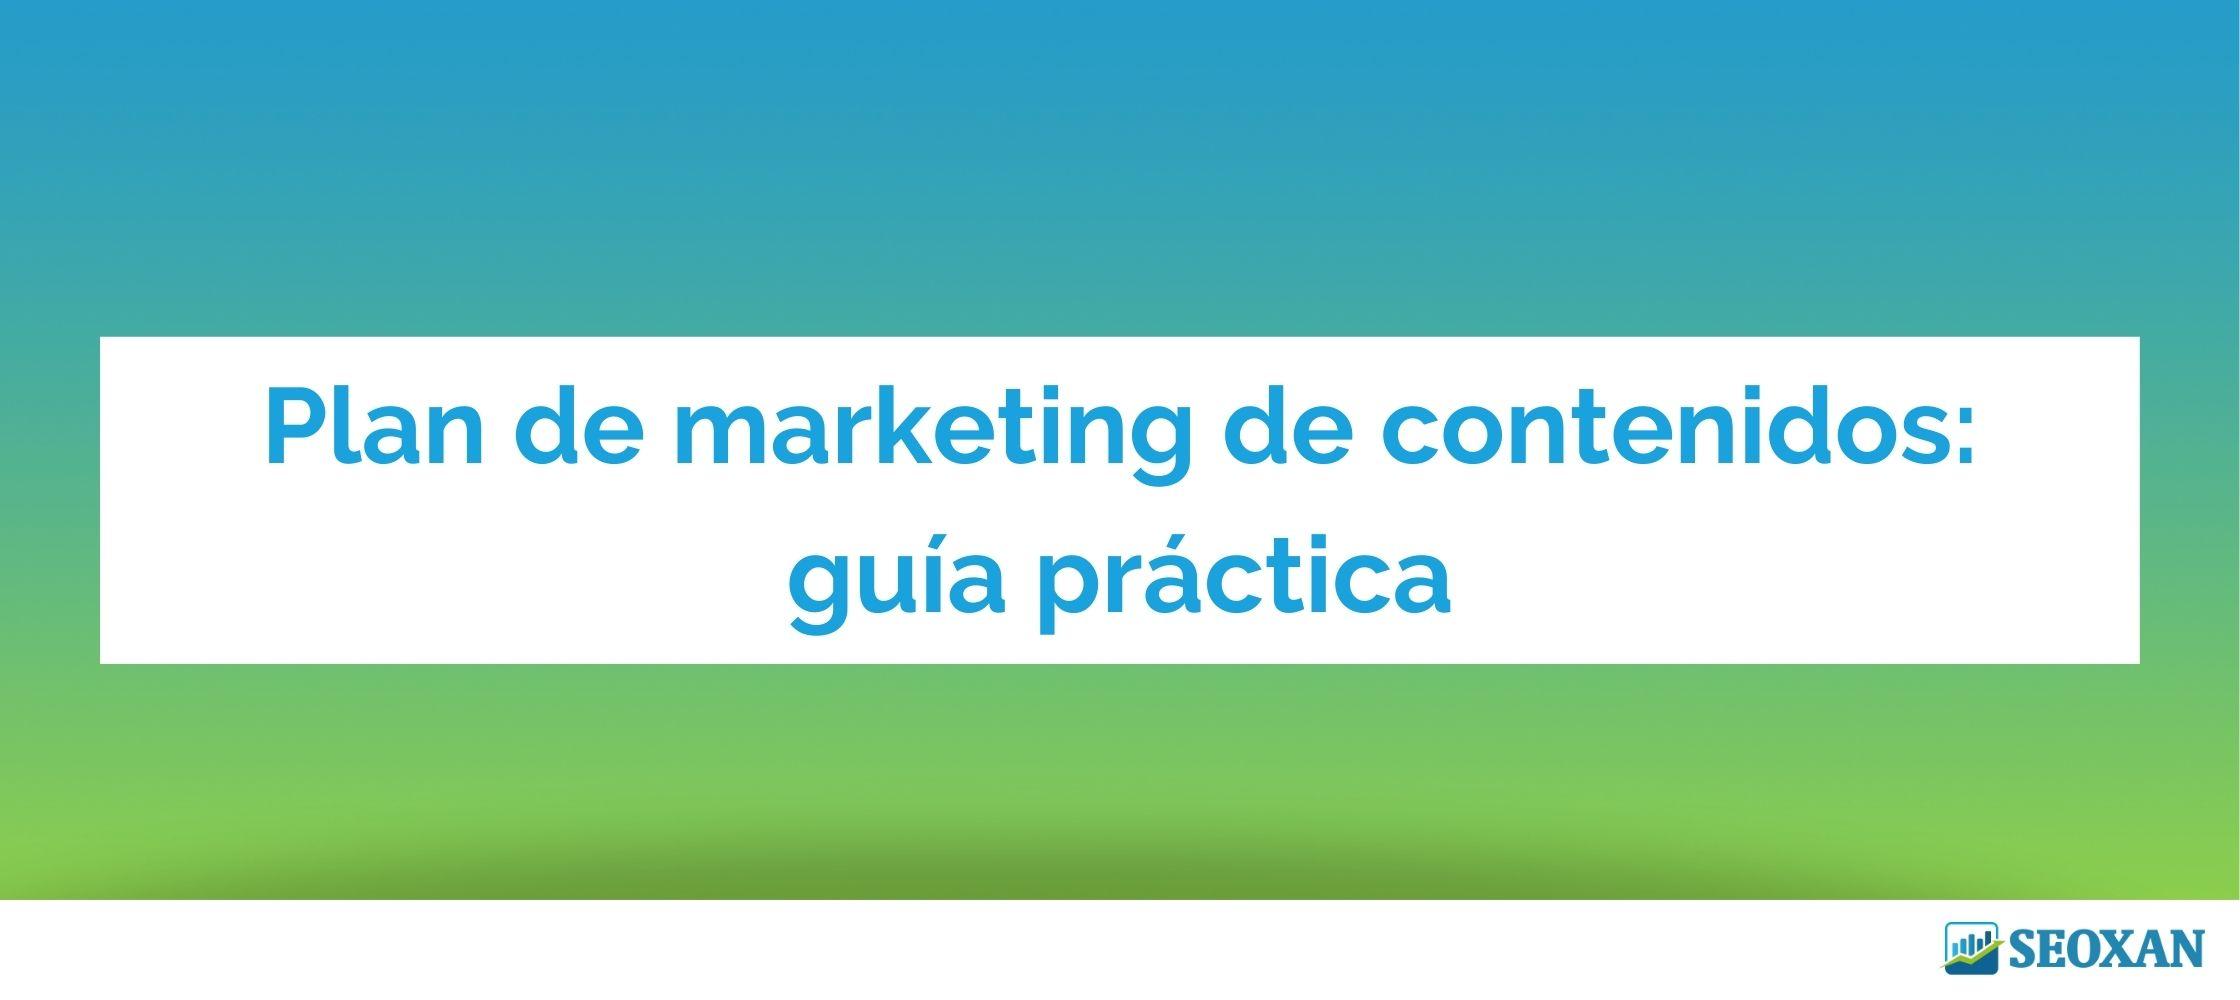 Plan de marketing de contenidos: guía práctica